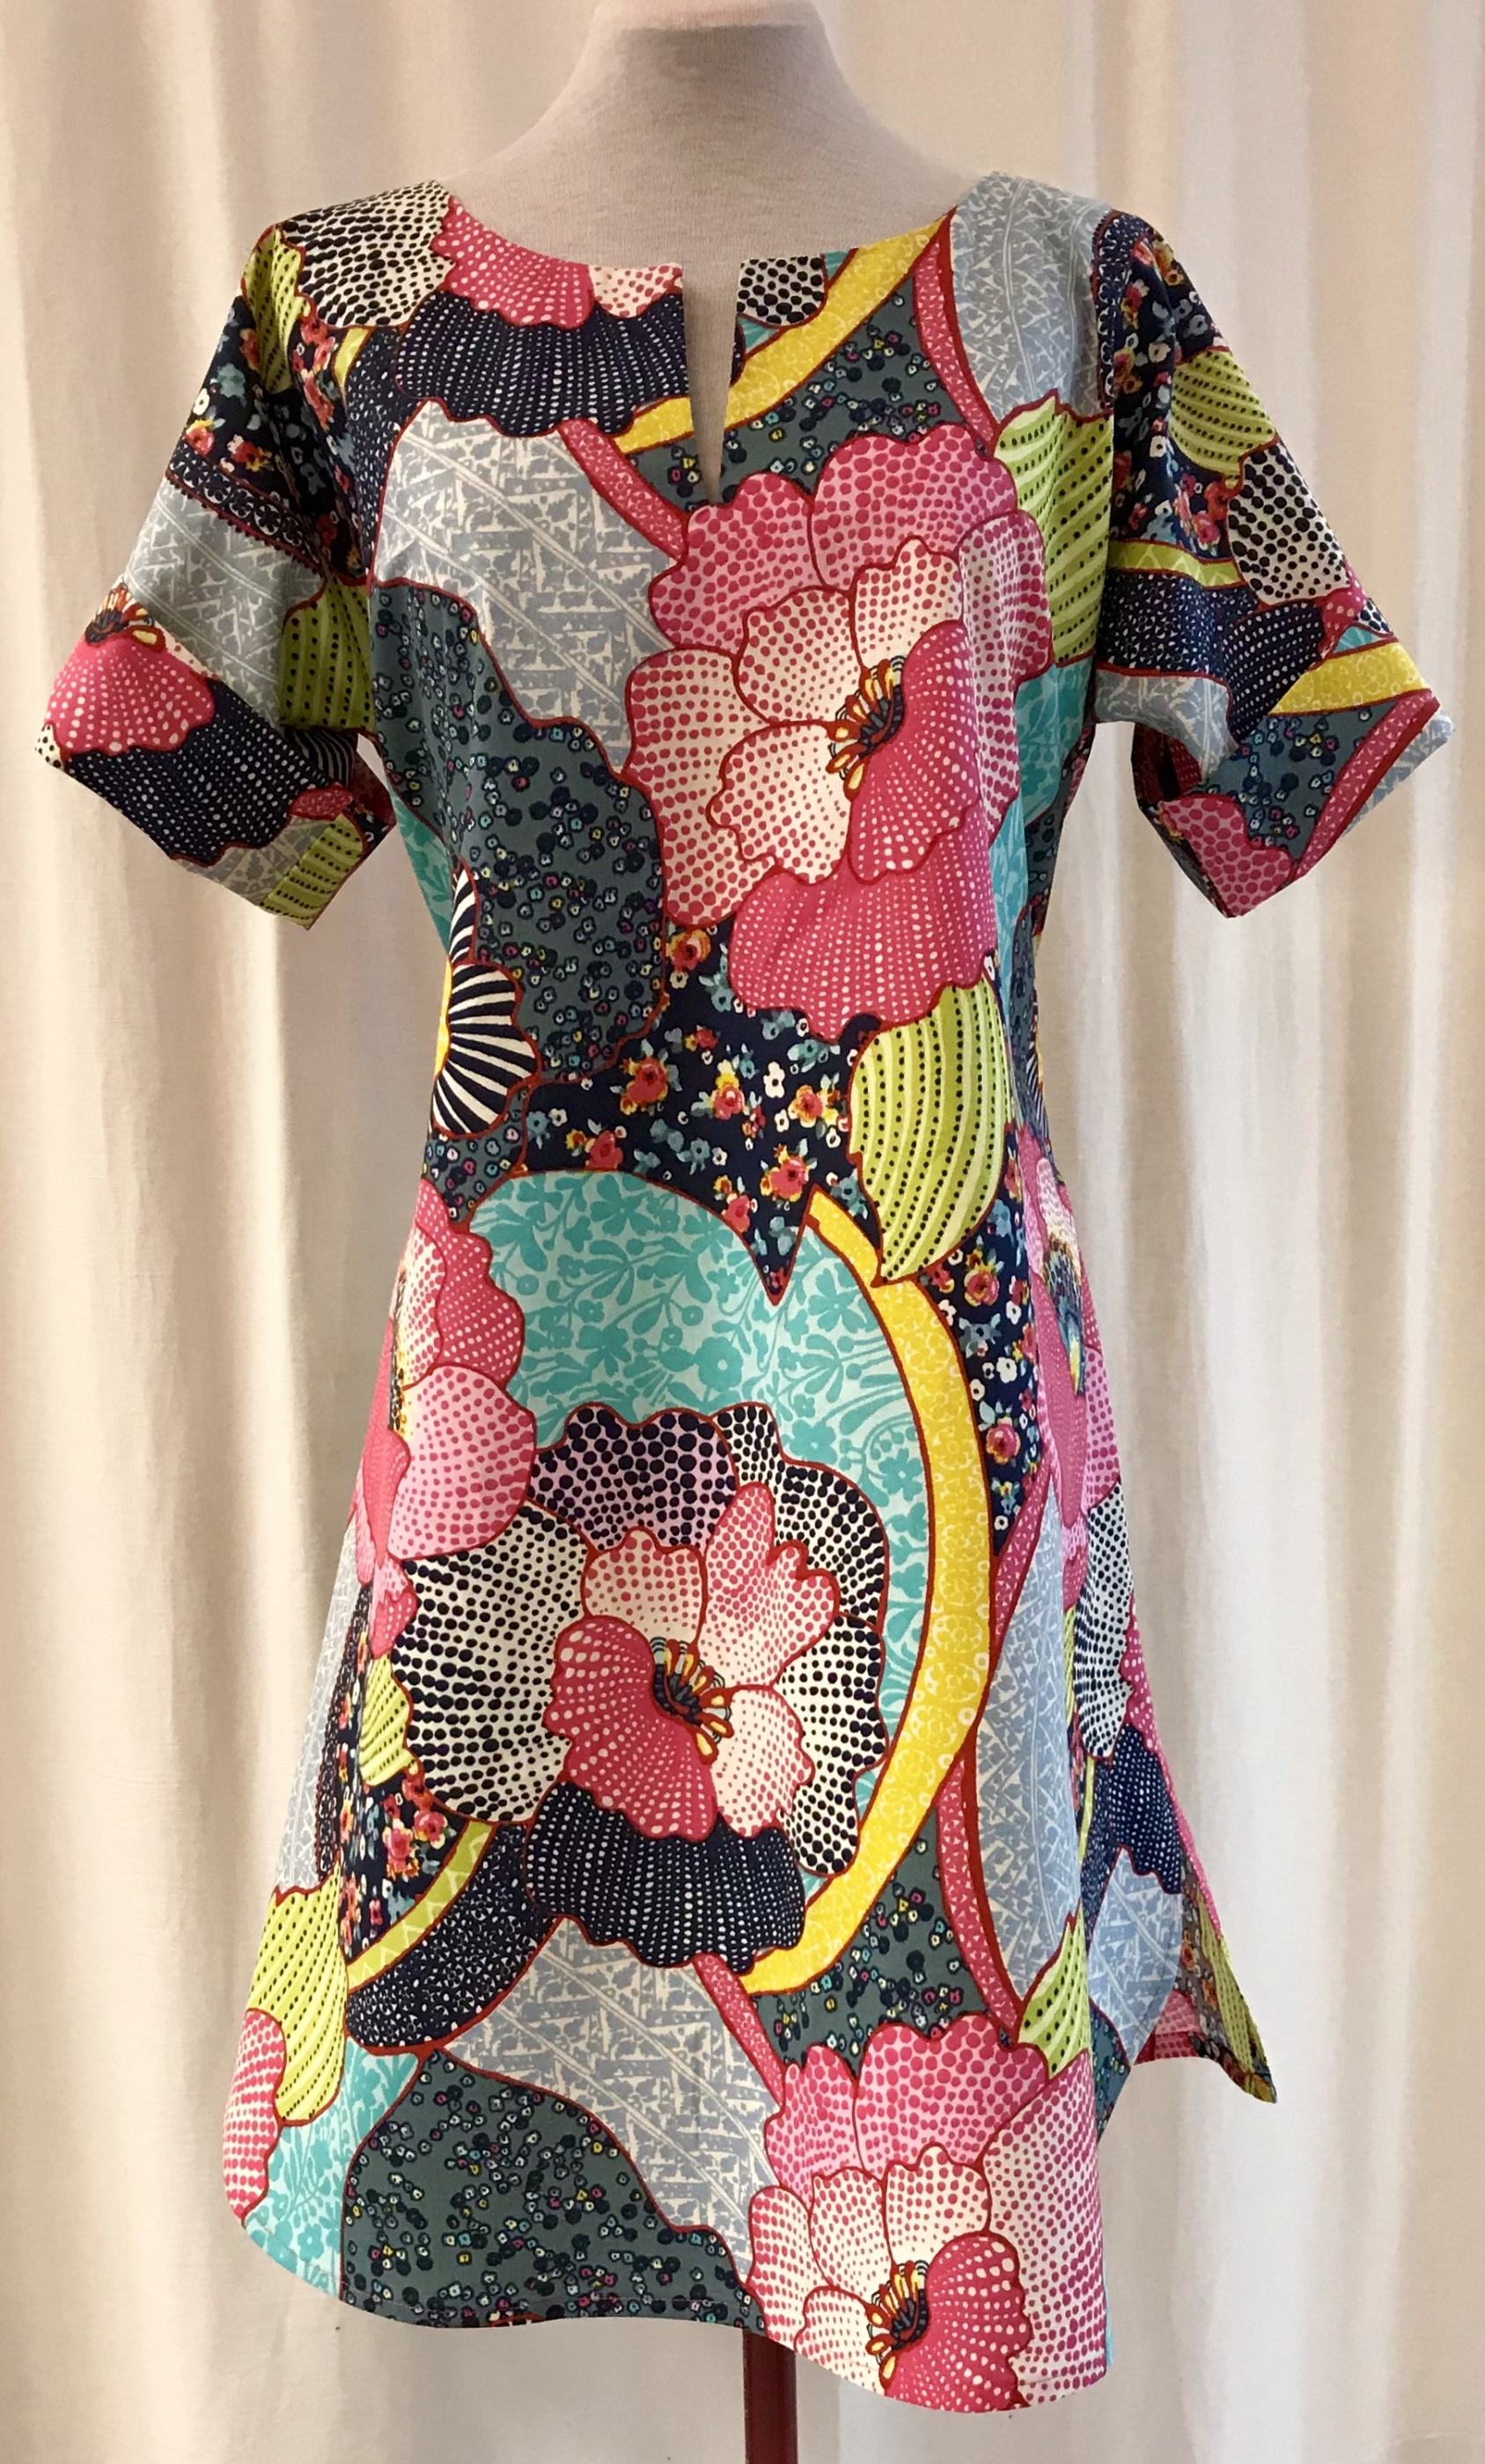 Anemona klänning SaraLaholm Sommarblom bomull unik design närproducerat färgglad